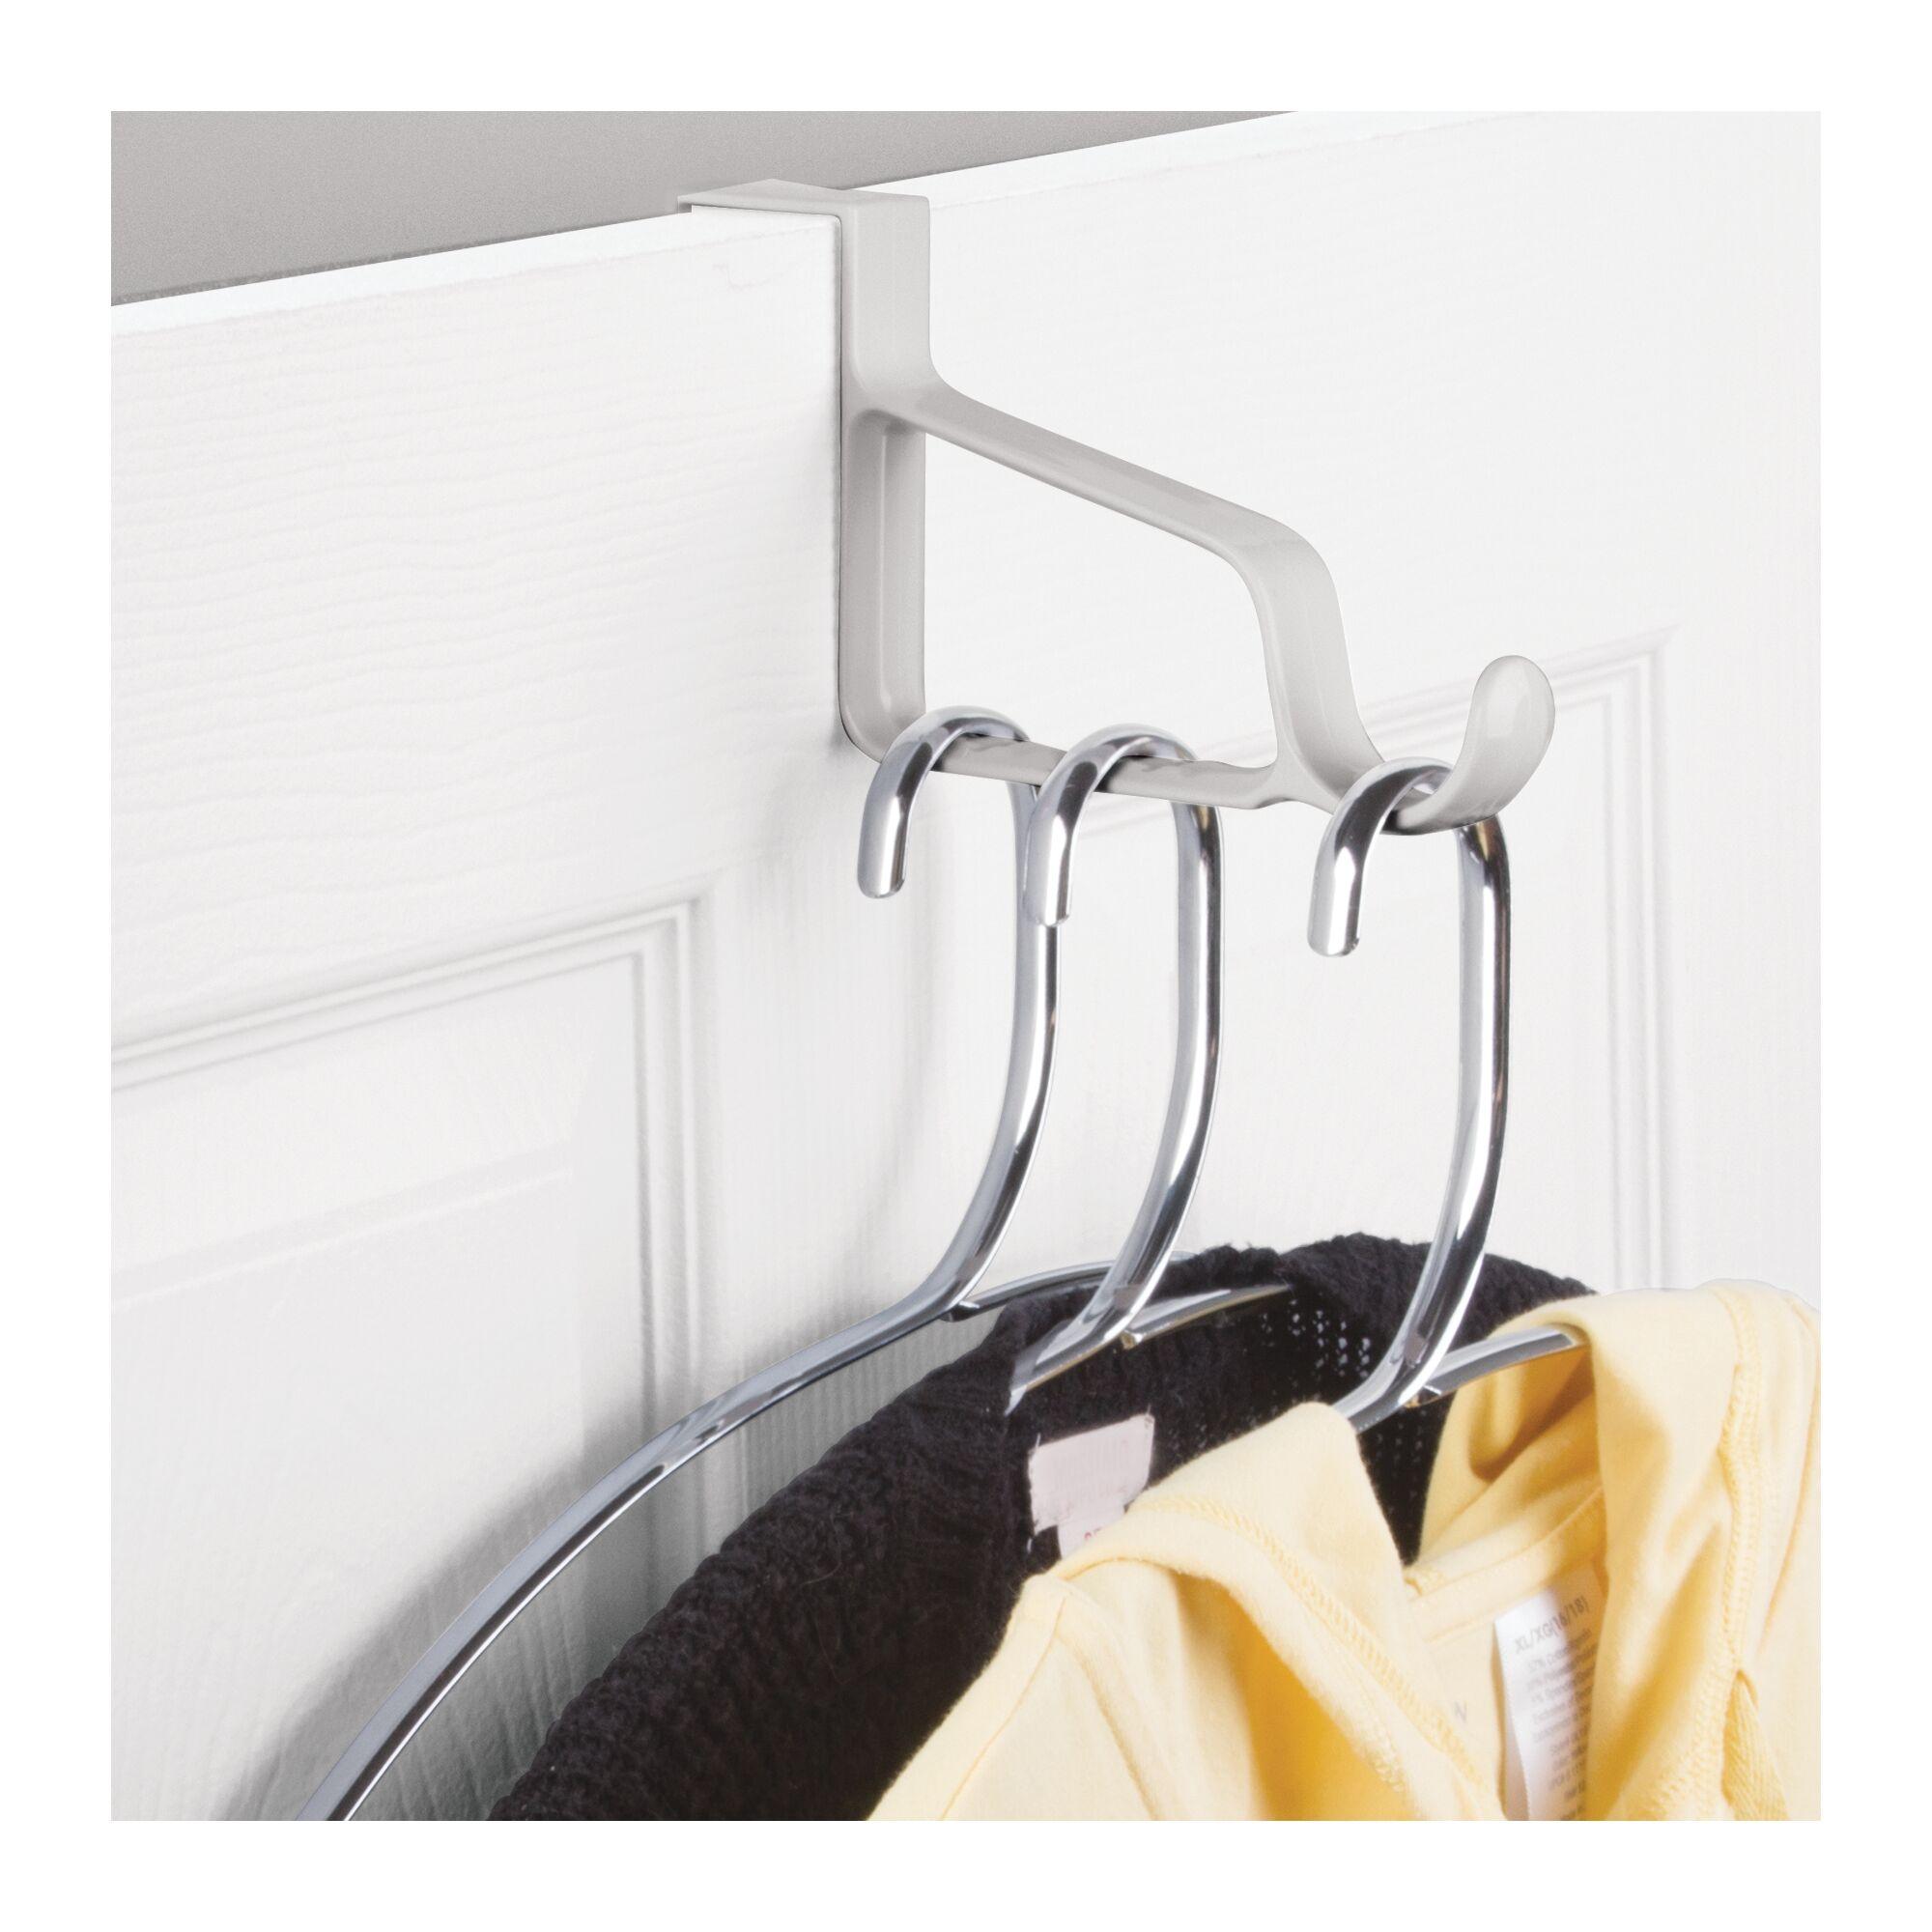 InterDesign Over Door Valet Hook for Clothes Hangers